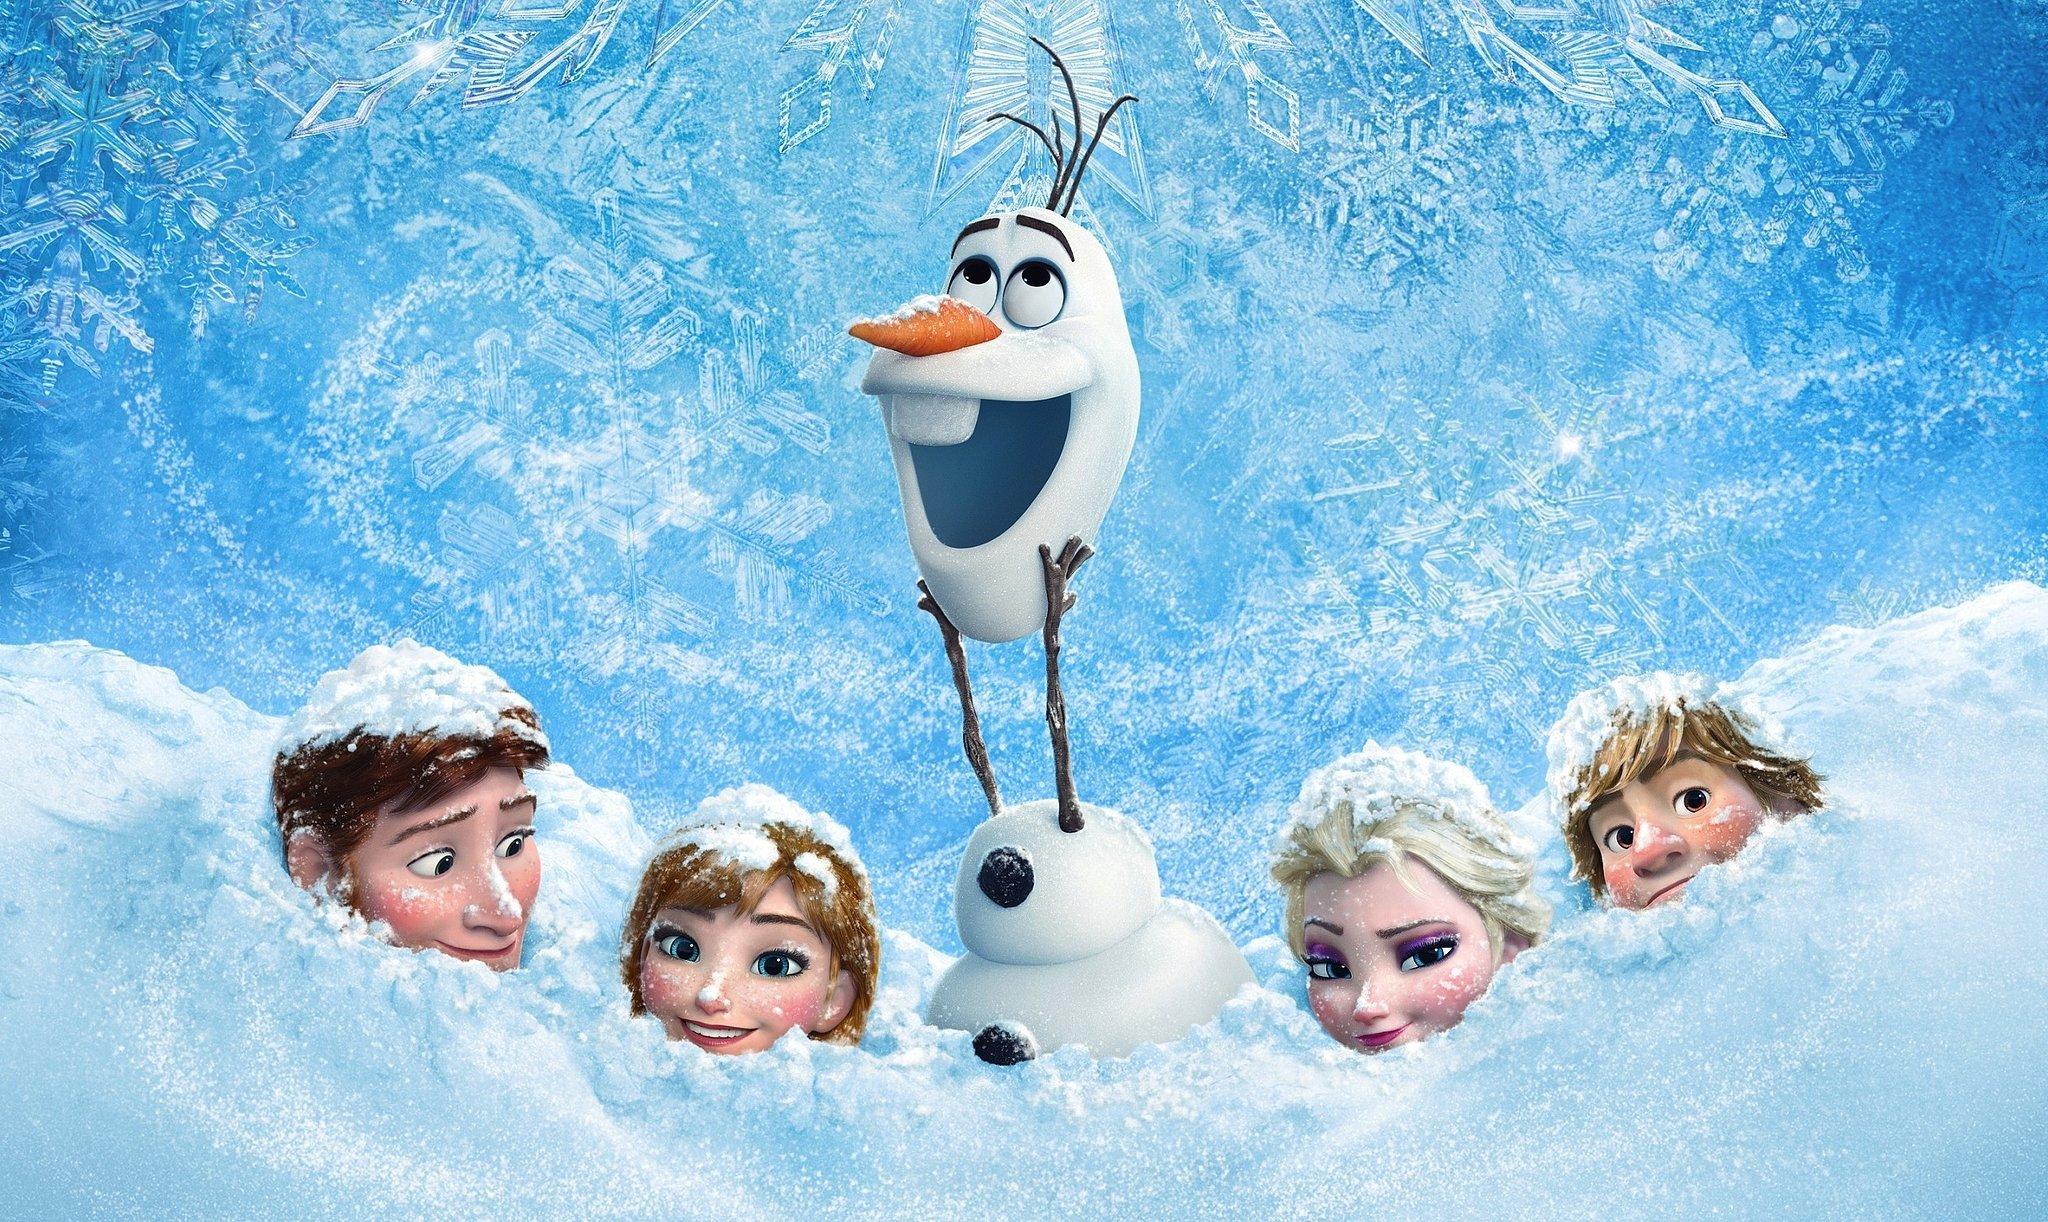 frozen movie getting short film sequel frozen fever